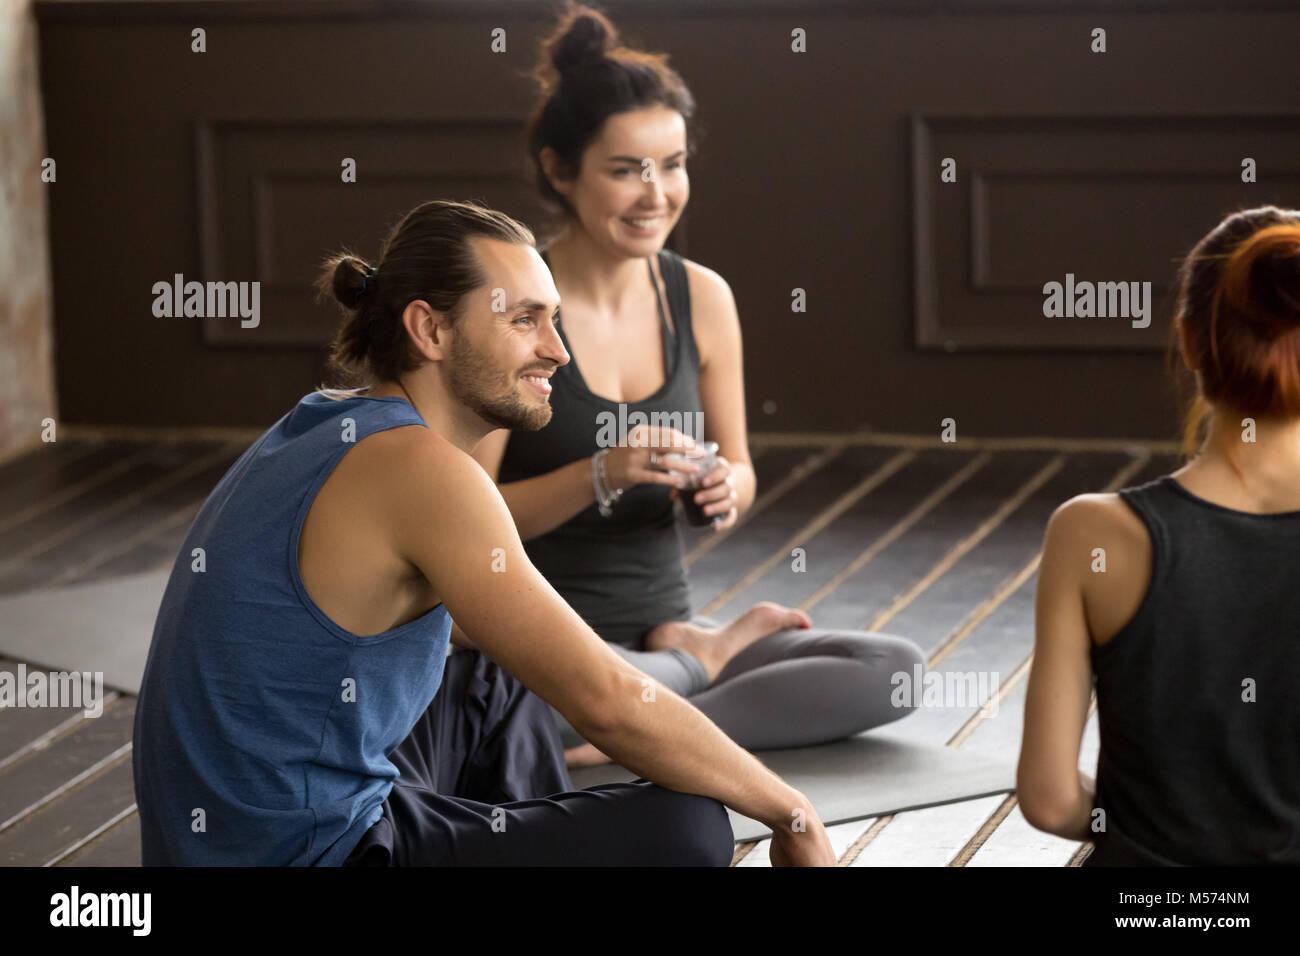 Yogi conscient Smiling man sitting on mat de la formation de groupe Photo Stock